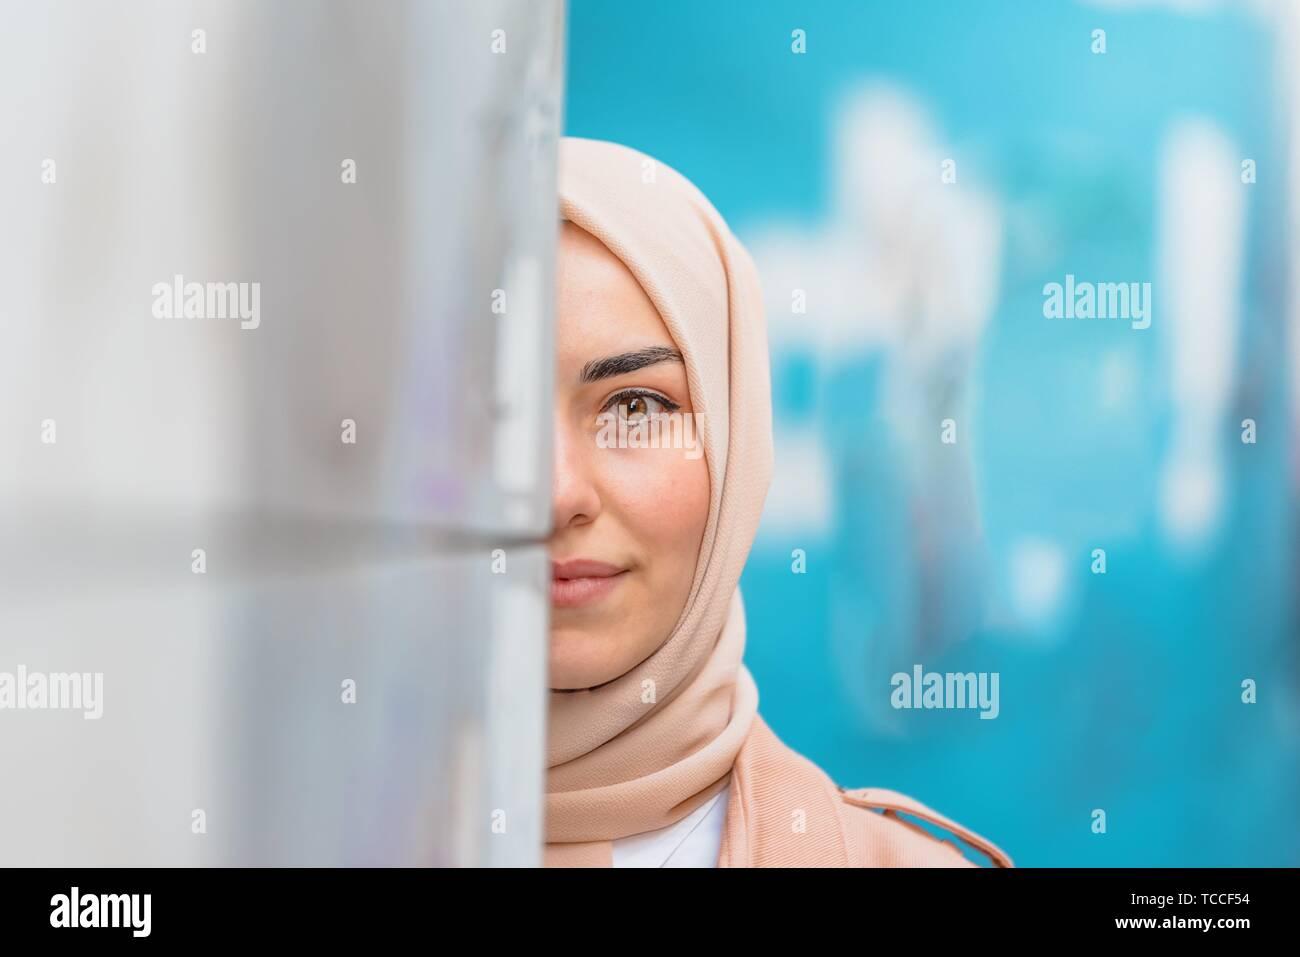 Belle femme musulmane en foulard et des vêtements modernes à la mode se cache la moitié de visage au mur avec fond bleu. Banque D'Images